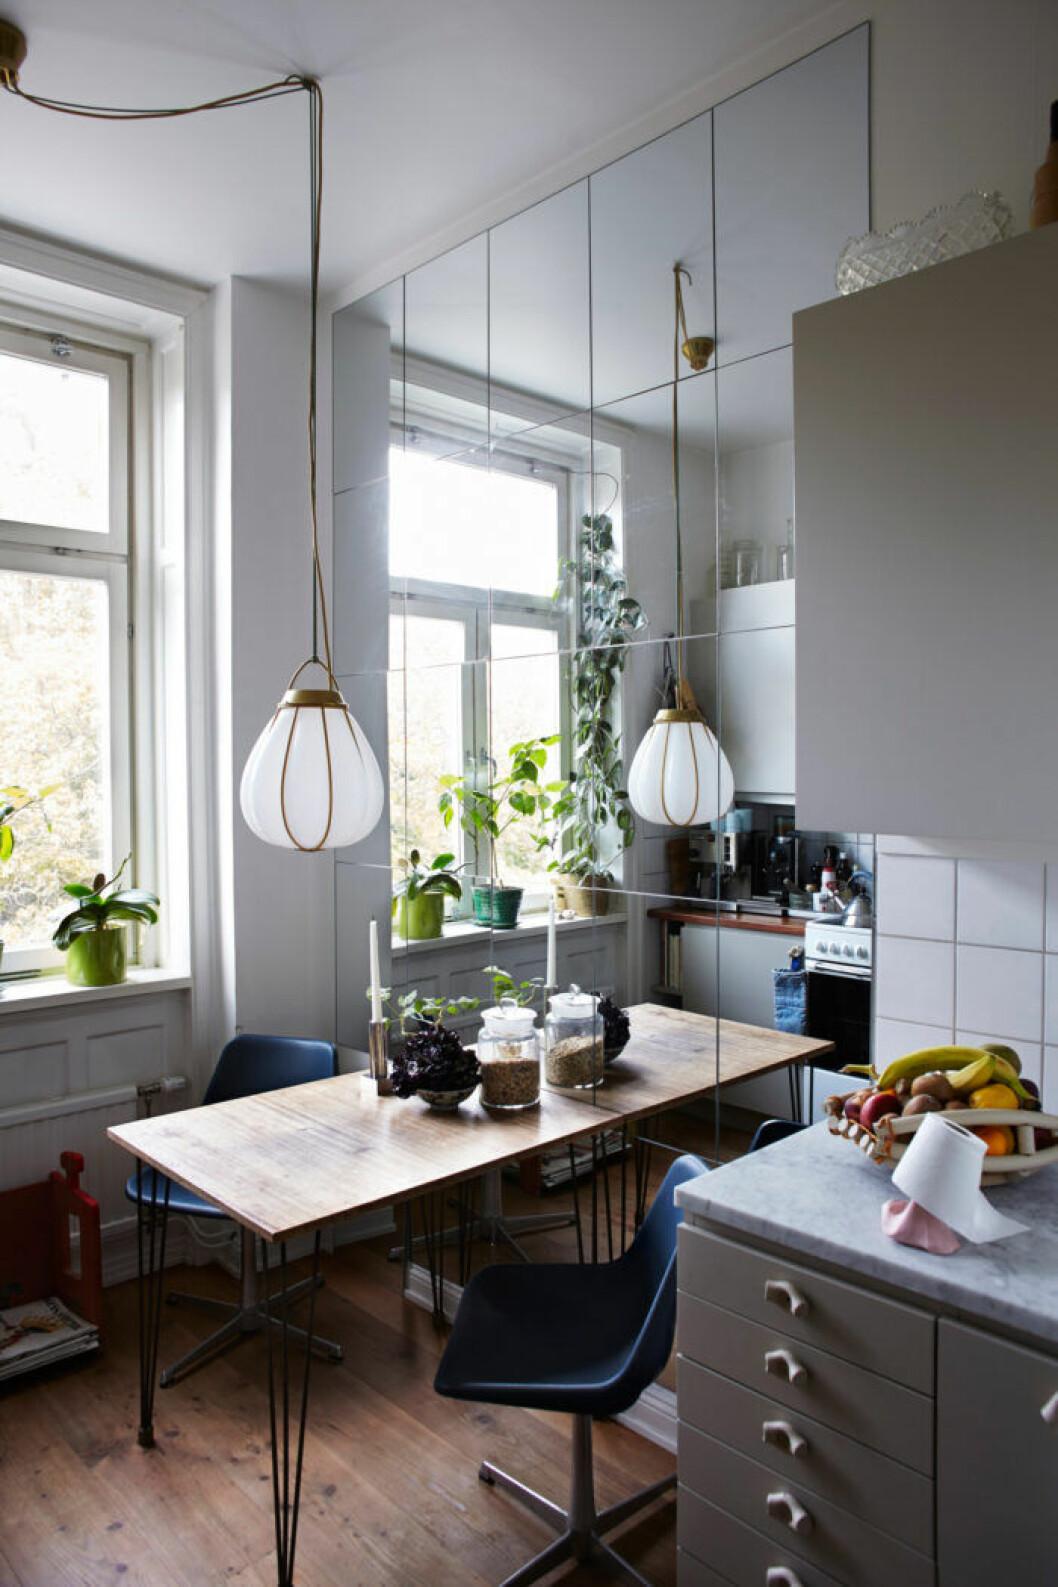 Spegelvägg i köket och gråmålade köksskåp från Alcro Designers